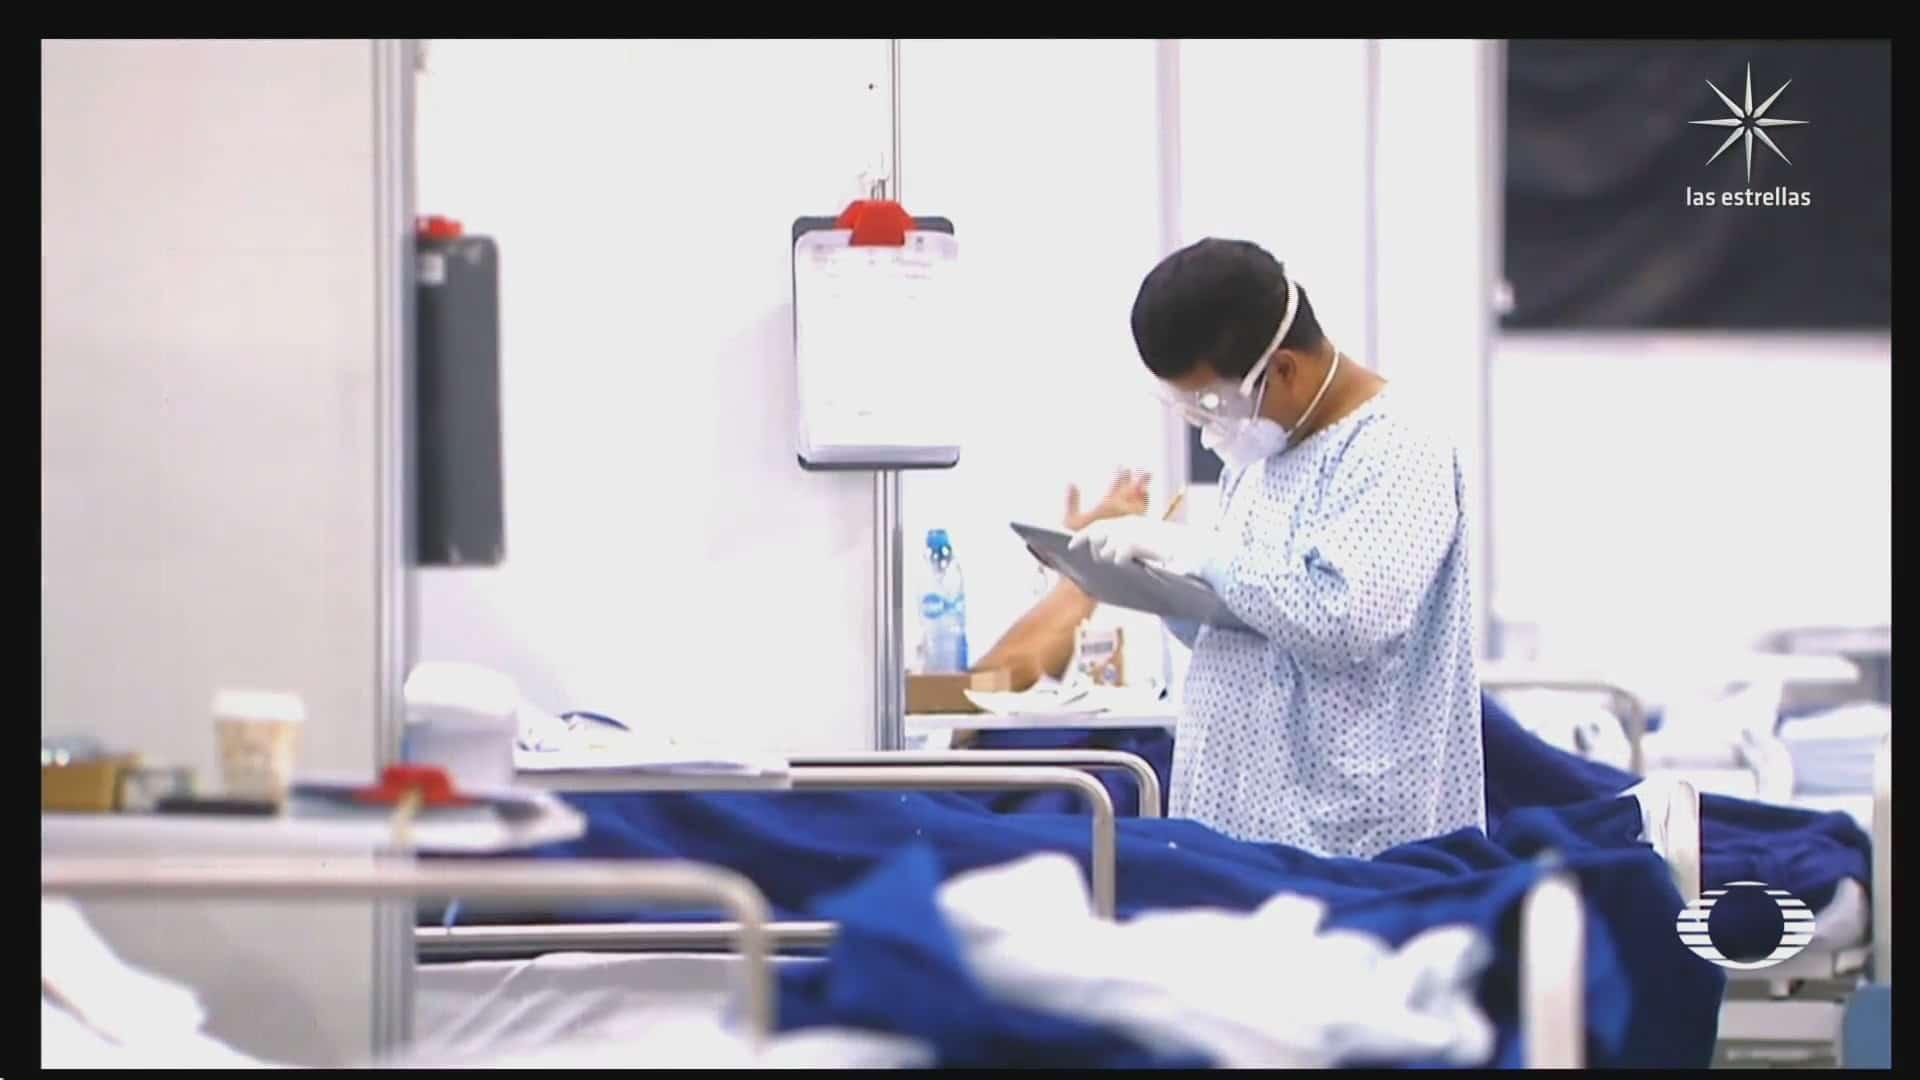 medicos contratados para atender a pacientes covid en centro citibanamex seran reubicados